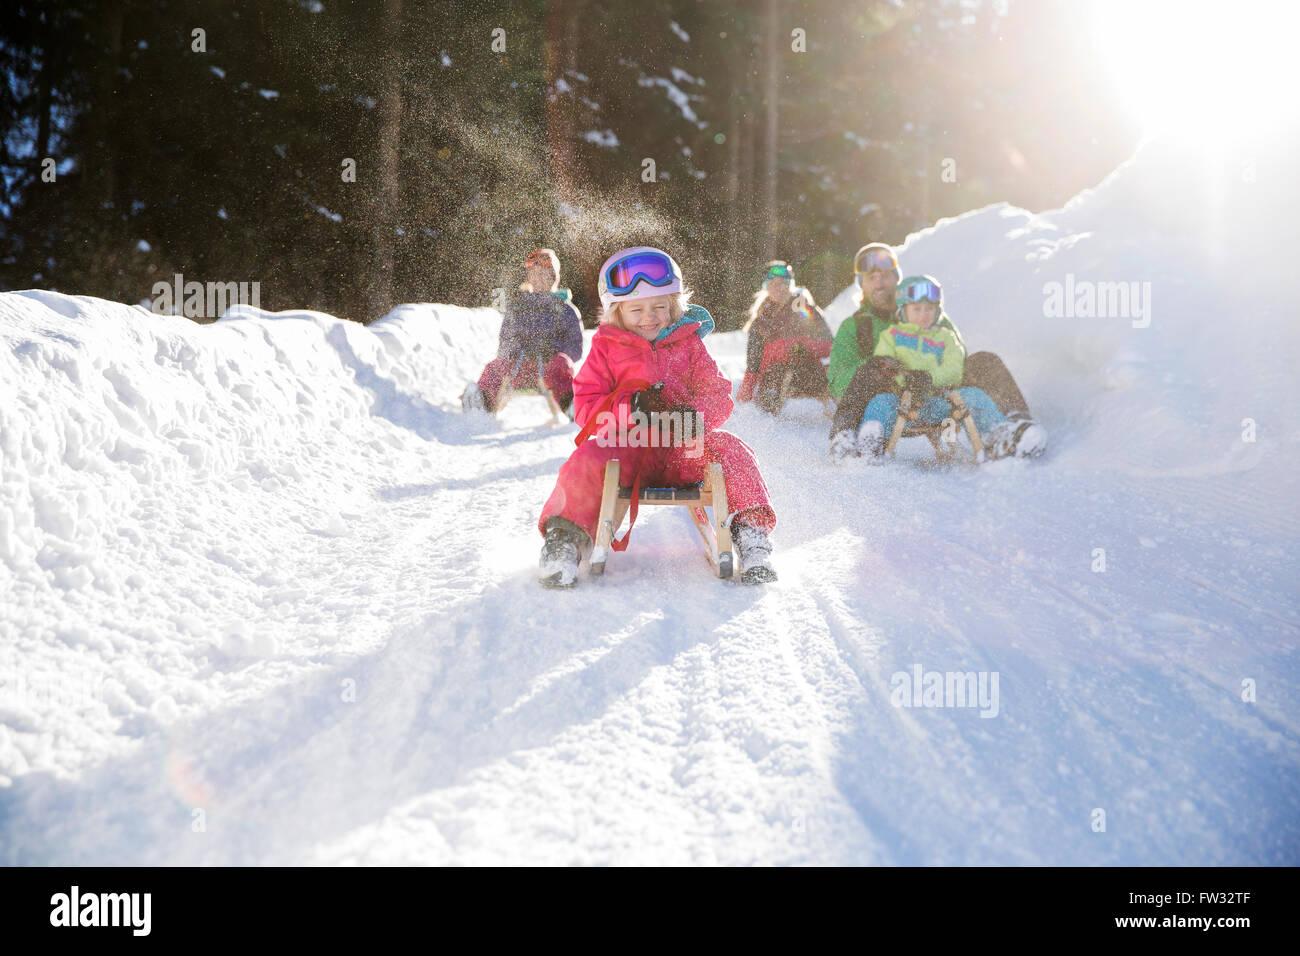 Le bambine e i bambini a cavallo delle slitte con la loro famiglia, Muttereralm Innsbruck in Tirolo, Austria Immagini Stock